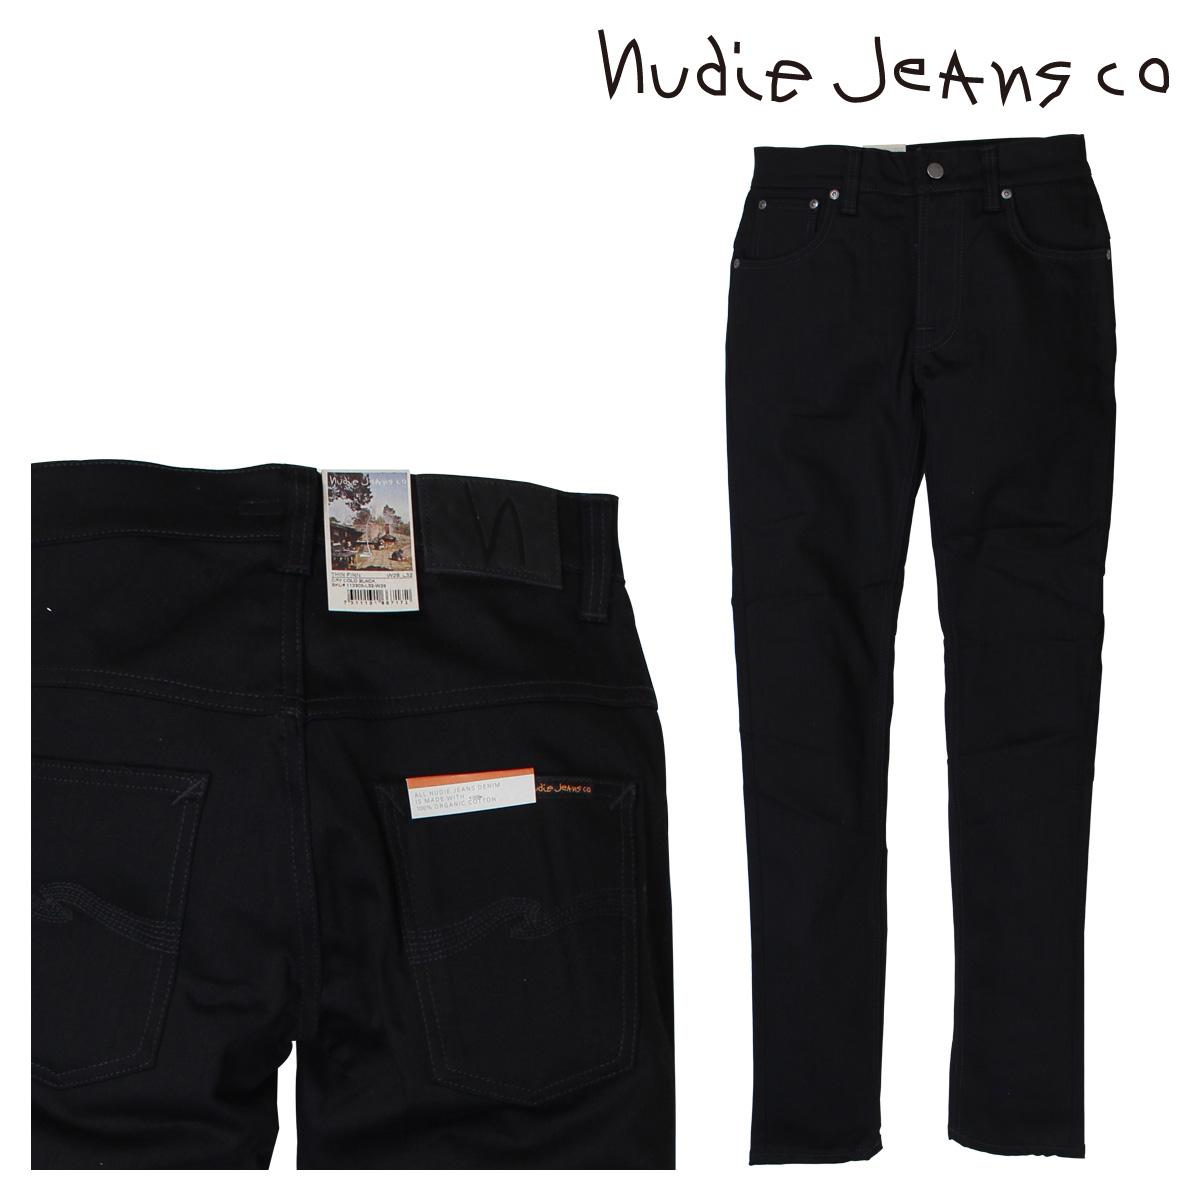 ヌーディージーンズ nudie jeans THIN FINN スキニー メンズ デニム パンツ DRY COLD ブラック